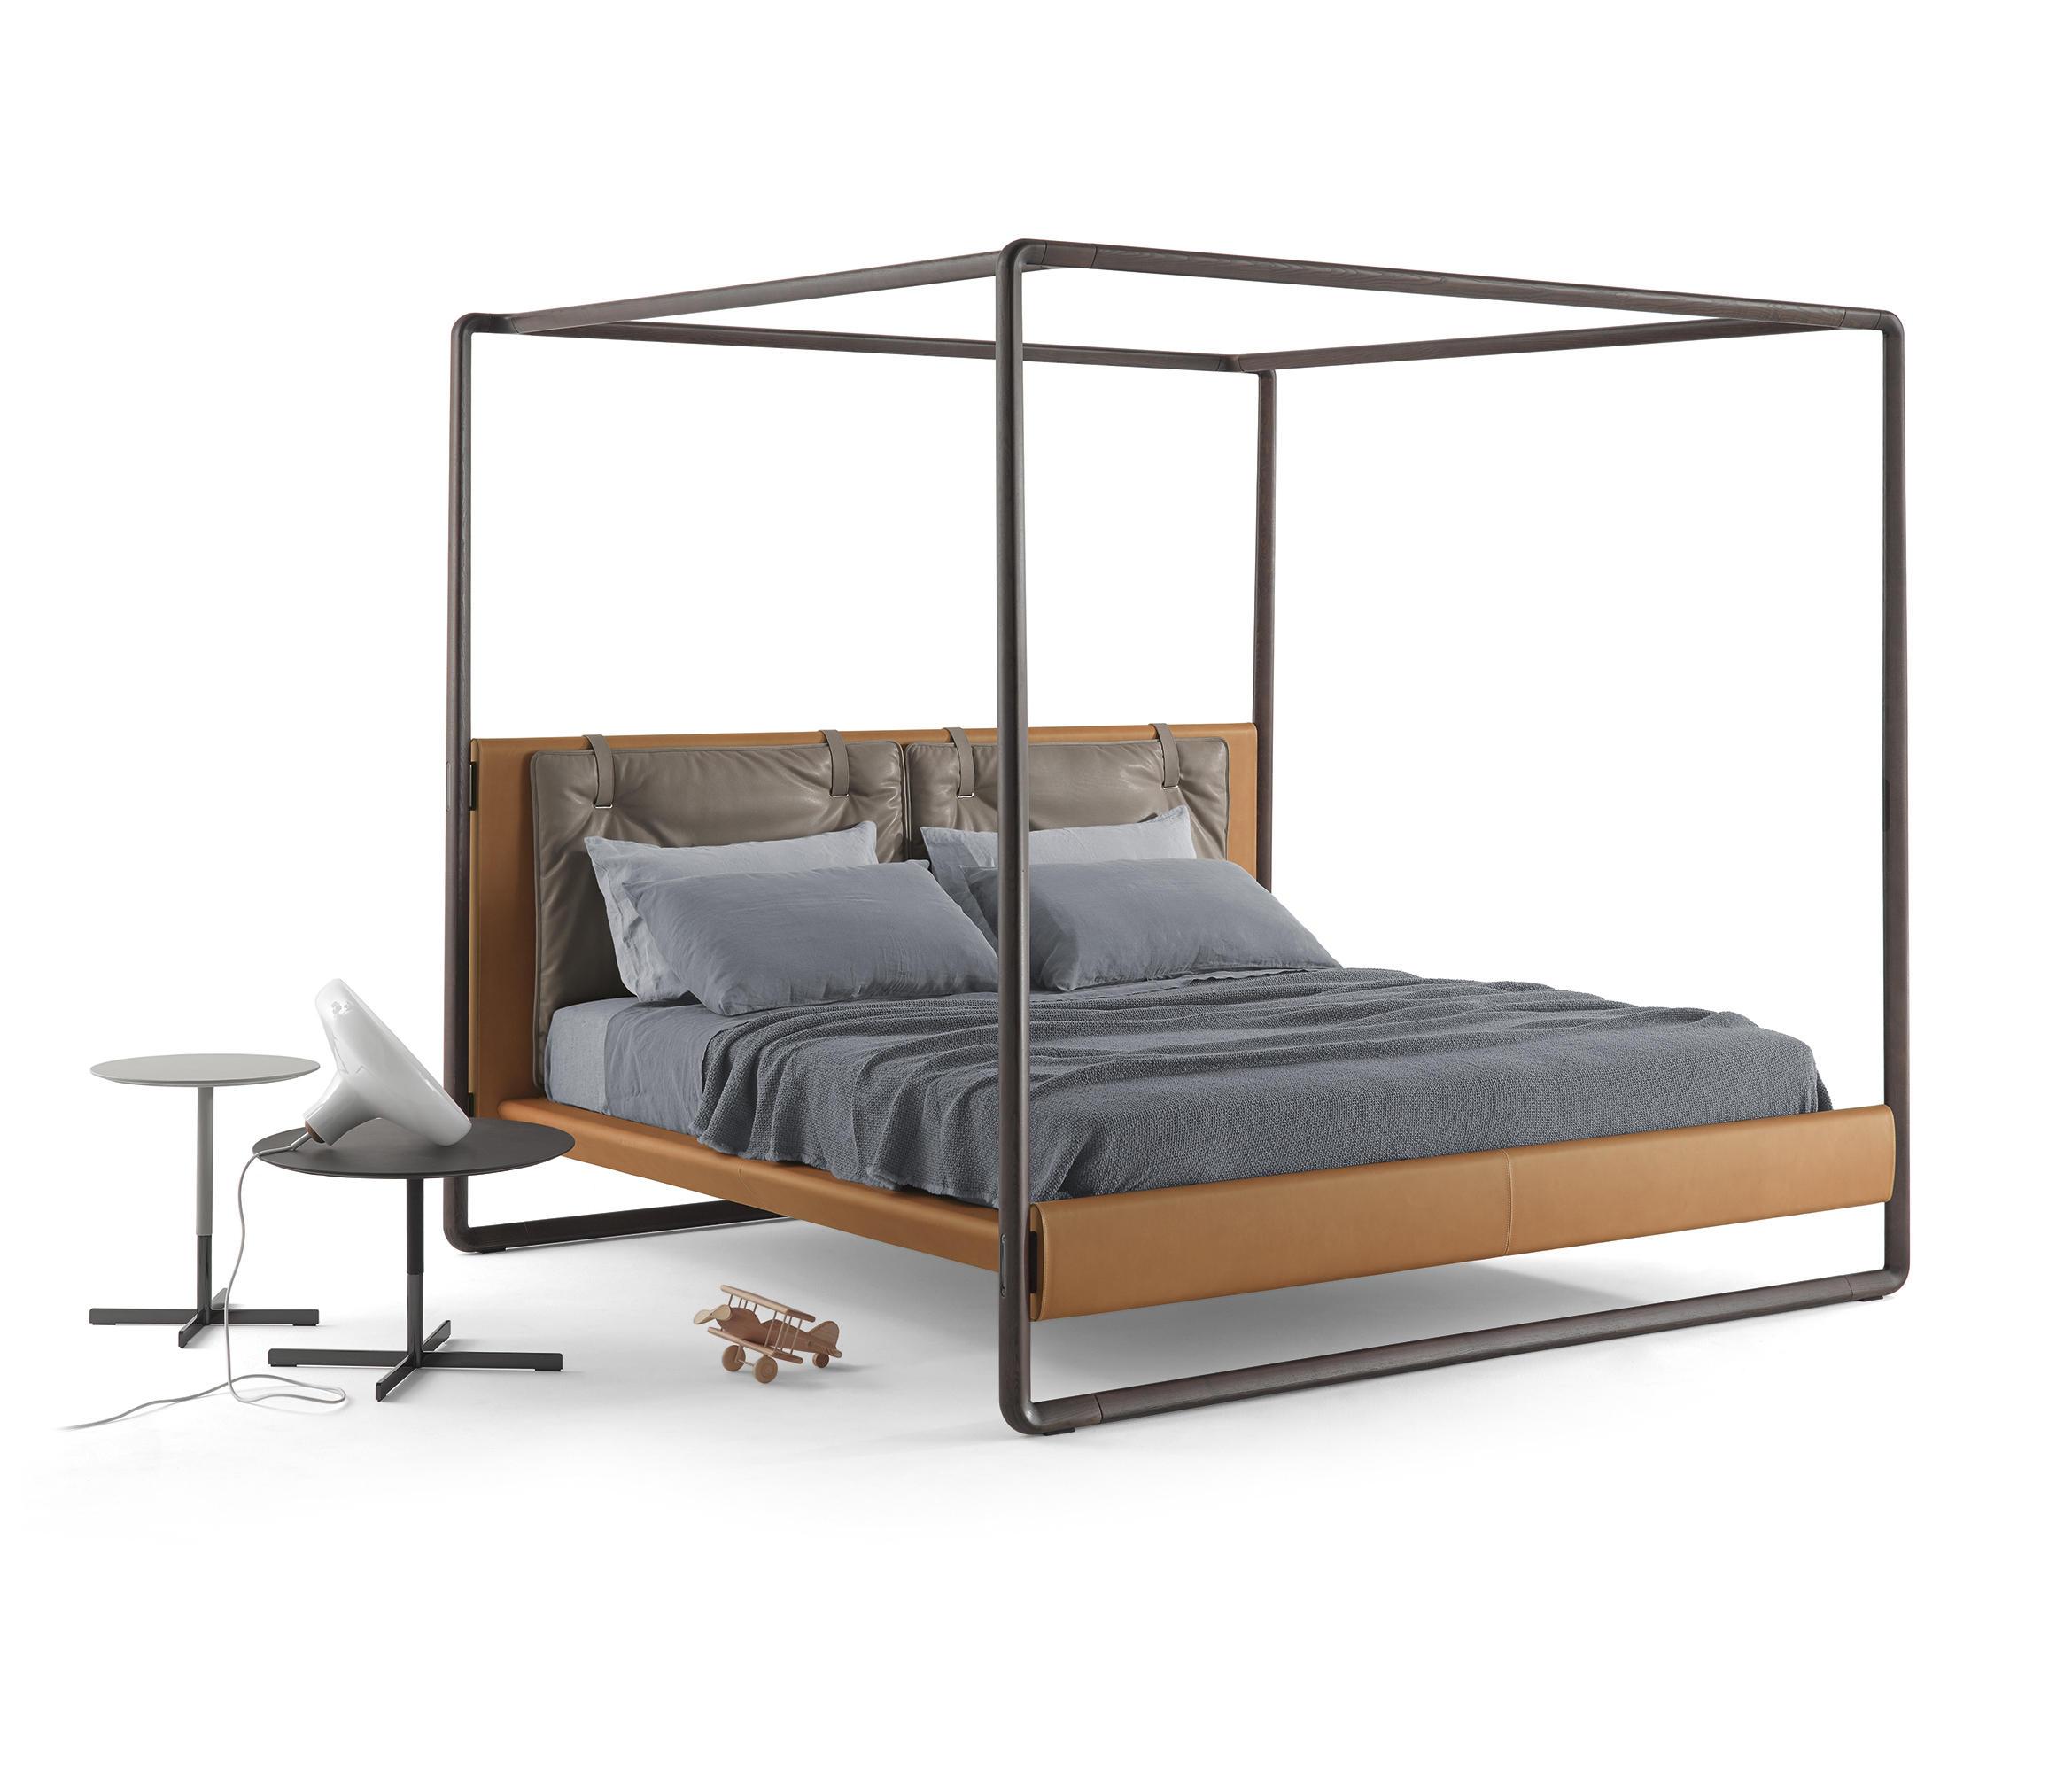 VOLARE BETT - Doppelbetten von Poltrona Frau | Architonic